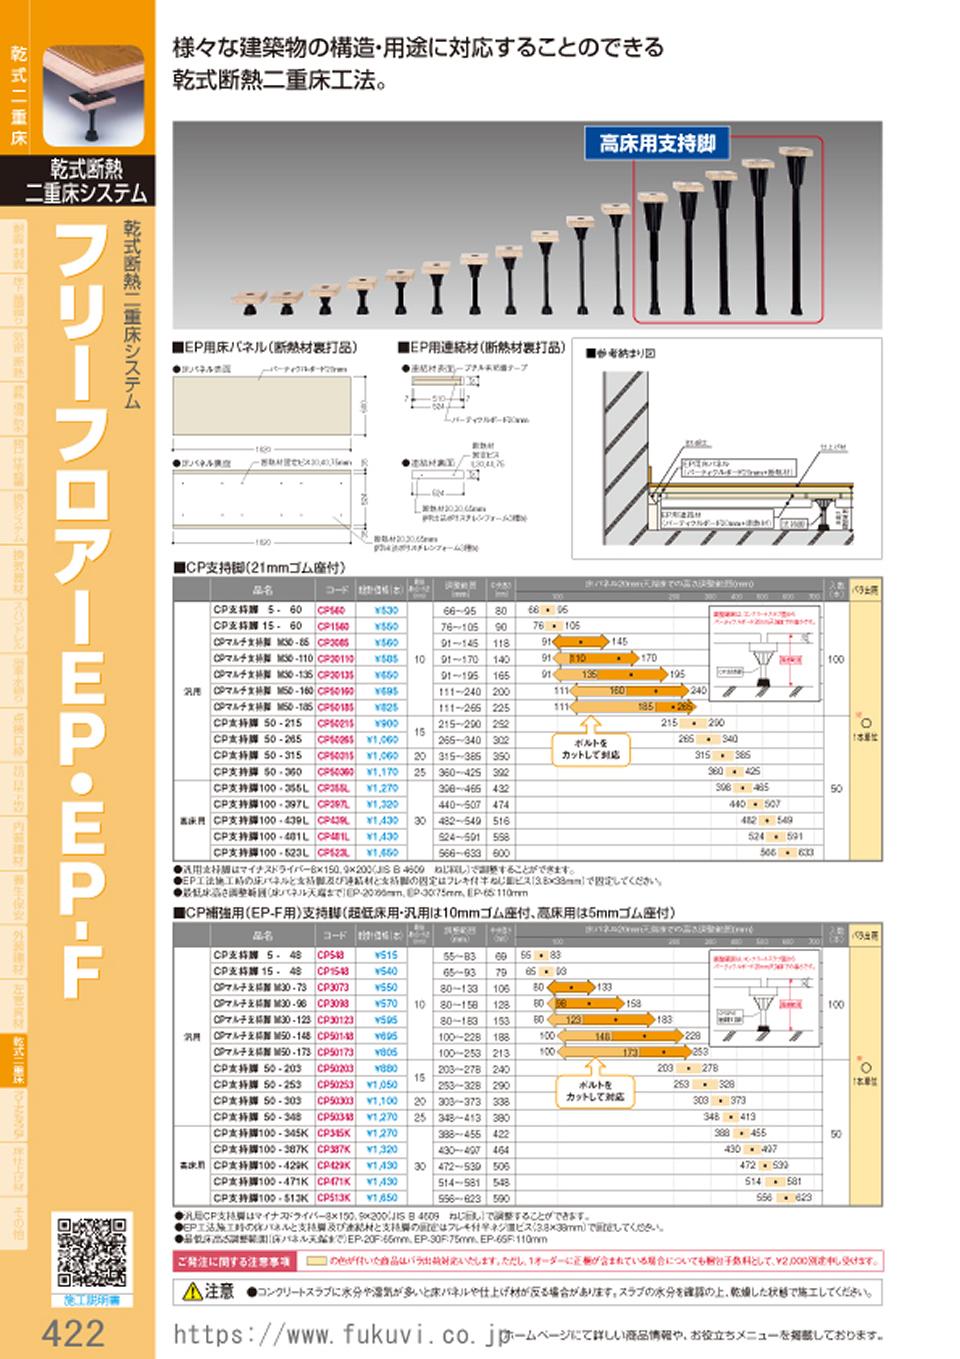 乾式二重床システム フリーフロアーEP・EP-F